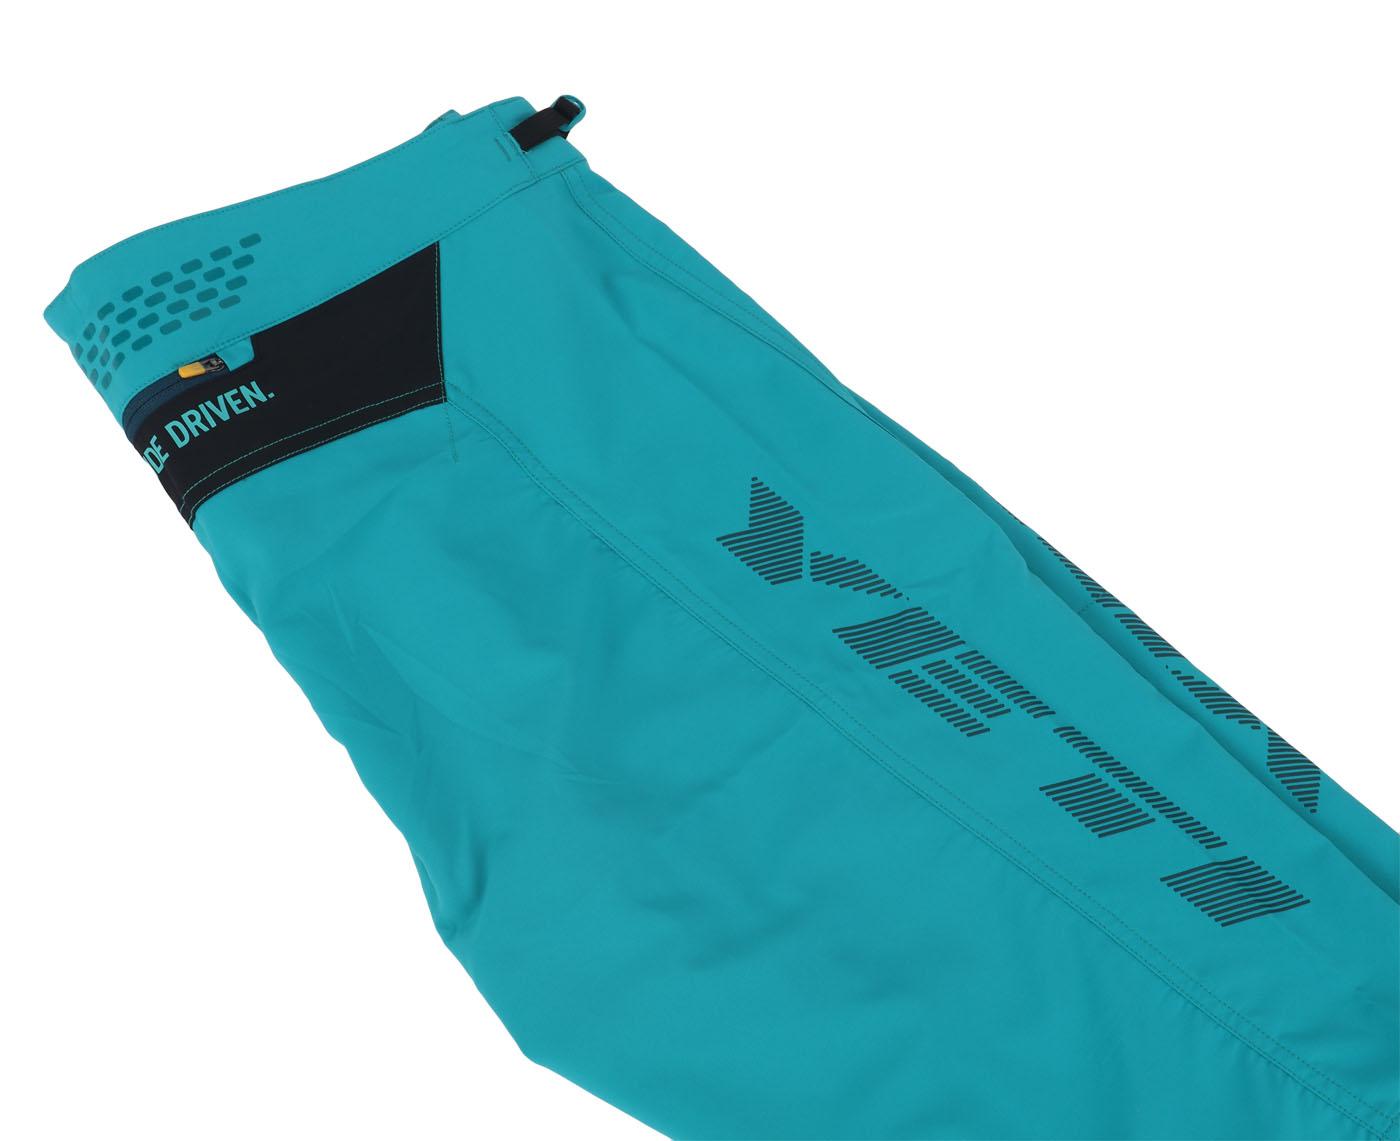 Image of Yeti Cycles Enduro Race Shorts - Turquoise